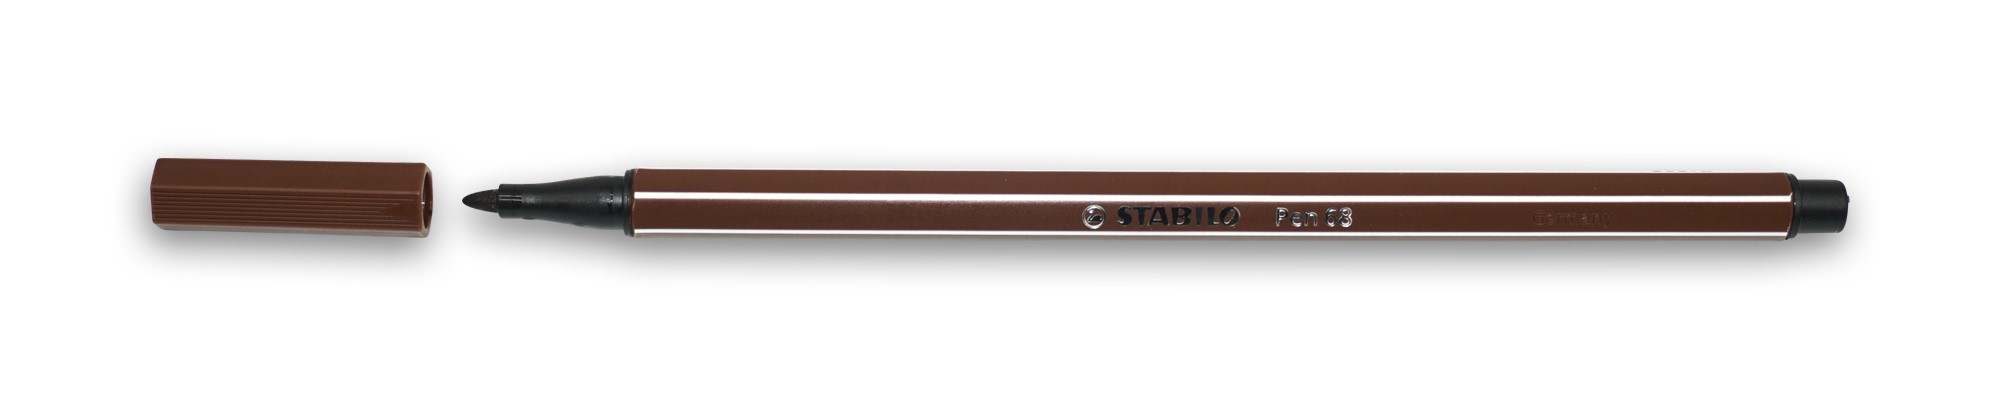 Stabilo Pen 68 Filzstift